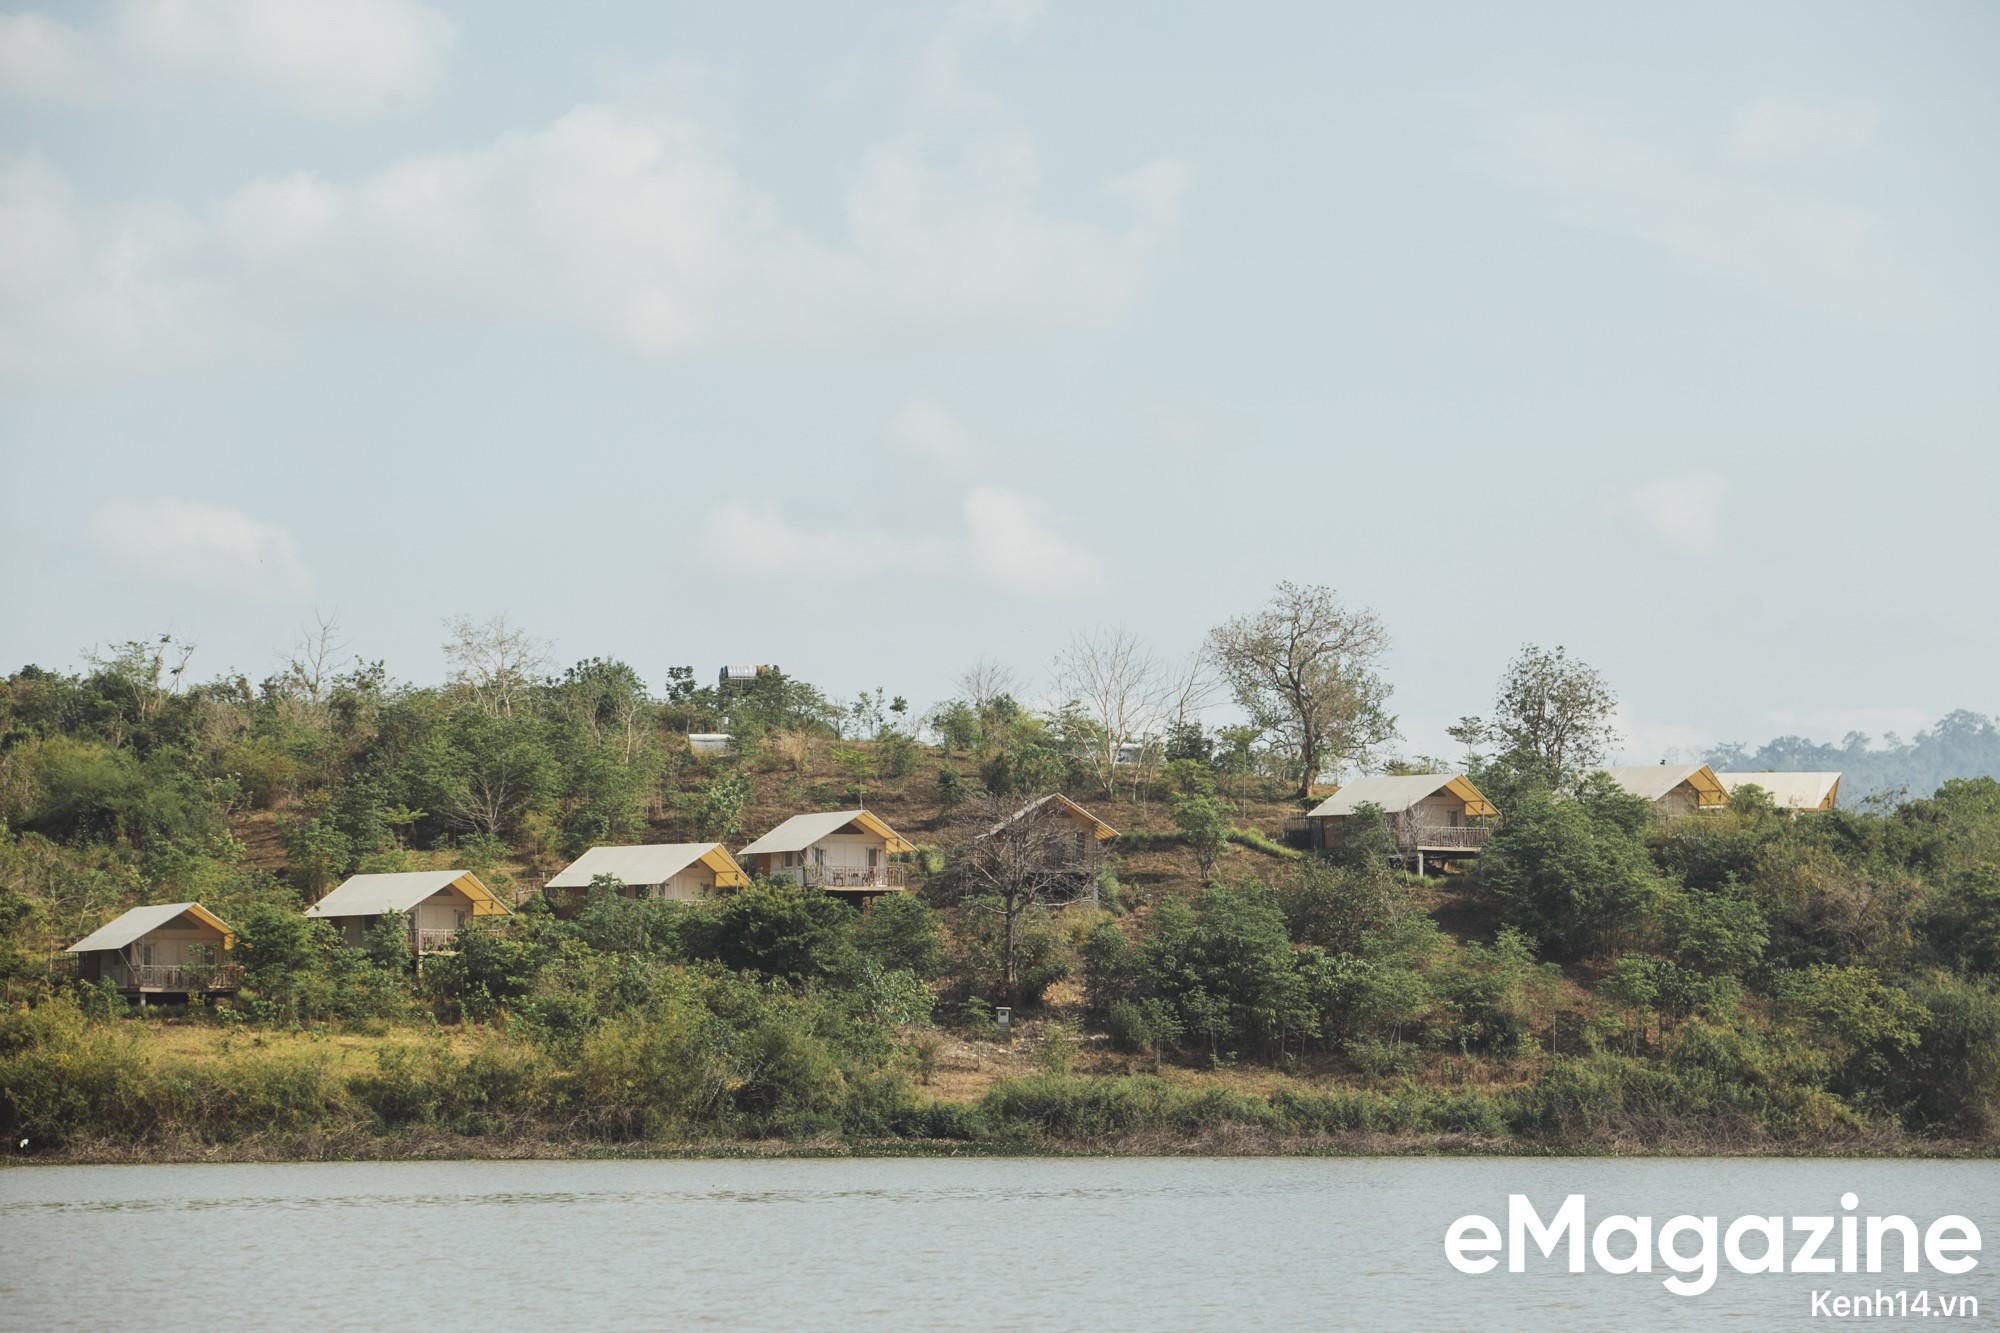 Nếu thích một nơi lạ lẫm, để ngắm Việt Nam hùng vĩ hoang sơ thì hè này hãy ghé thăm Đắk Lắk - Ảnh 13.